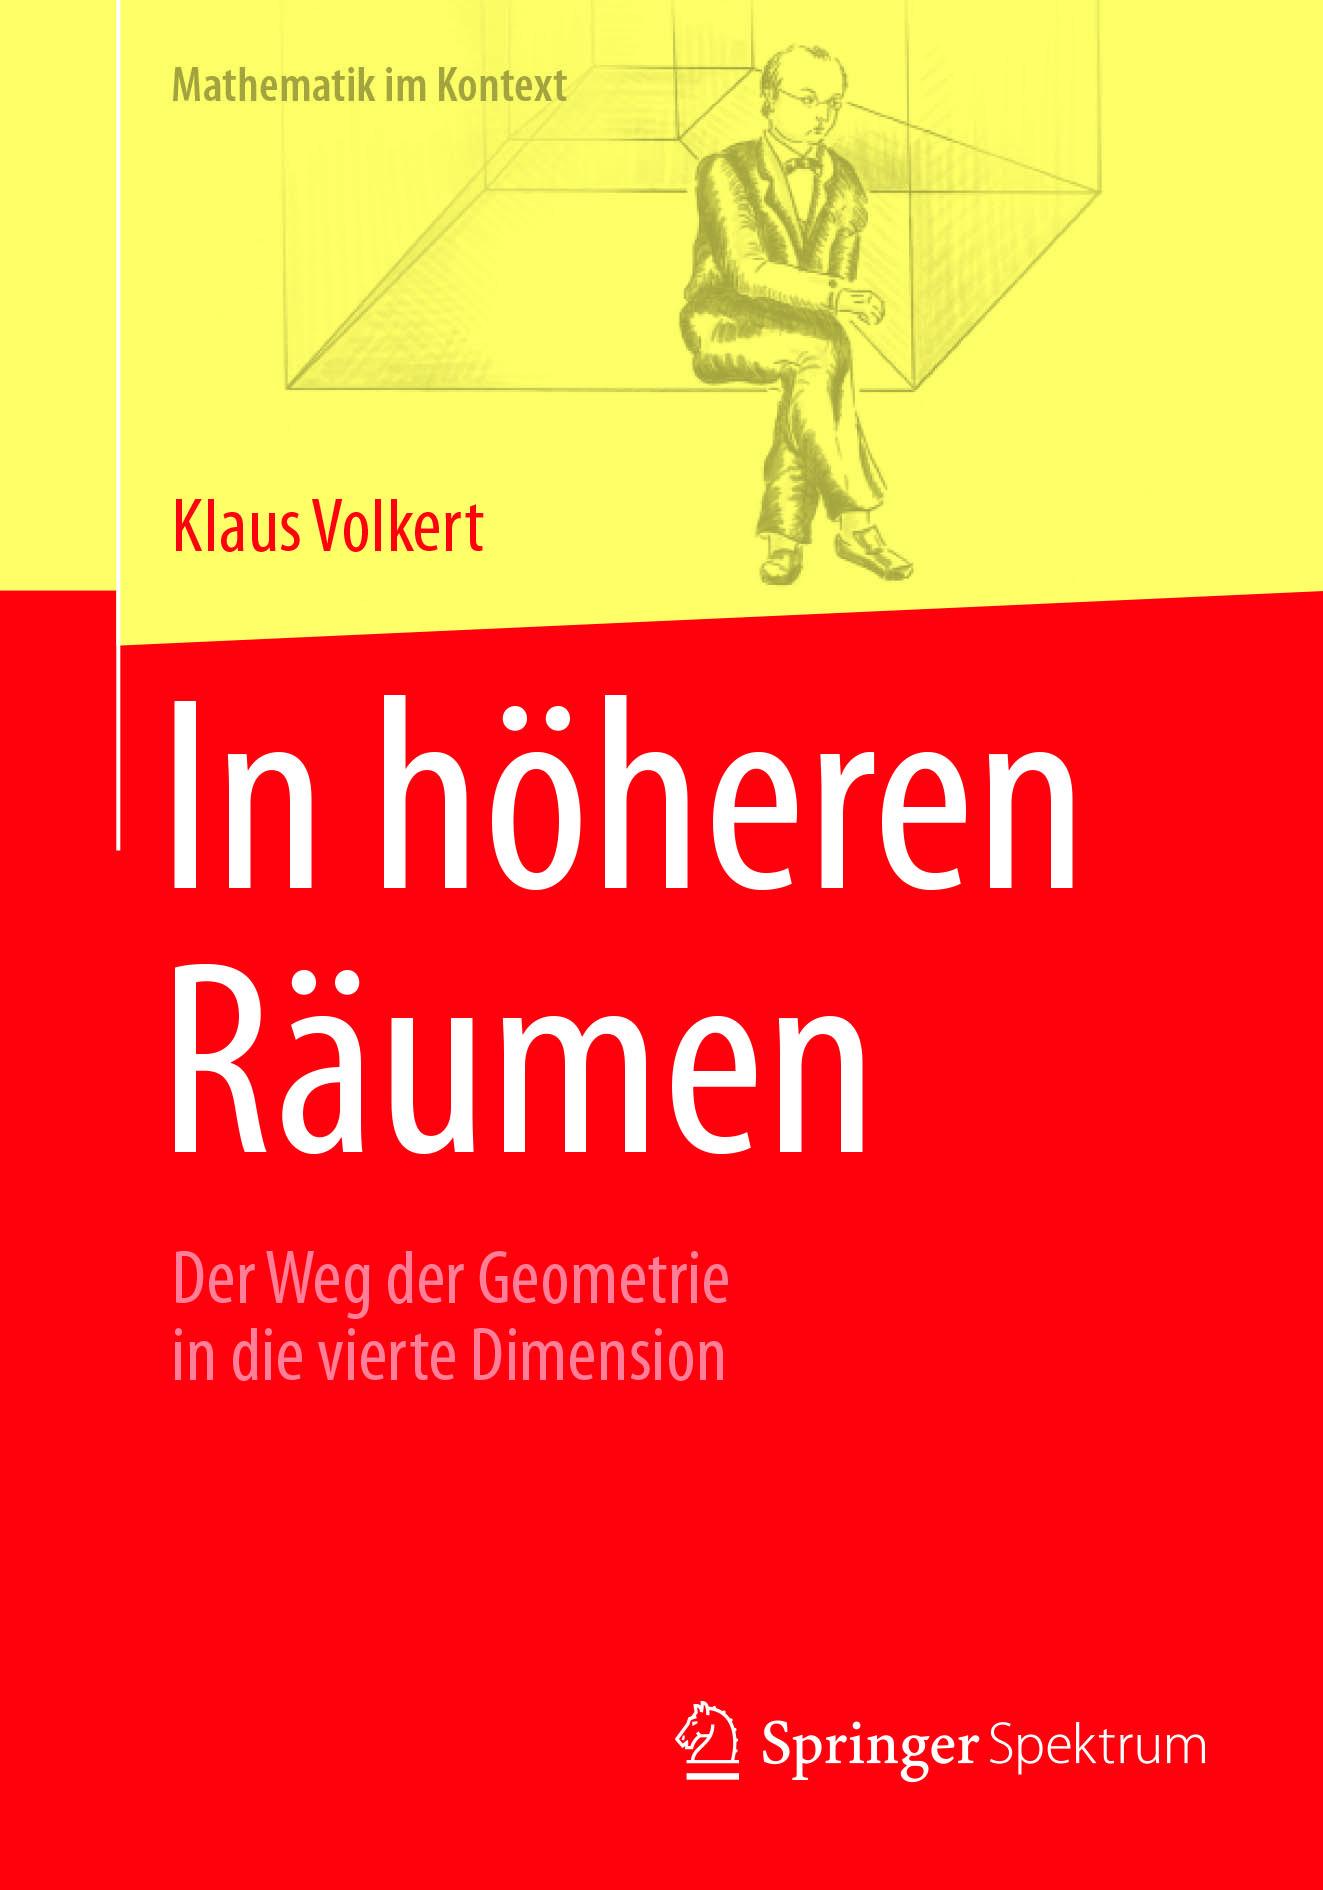 Volkert, Klaus - In höheren Räumen, ebook